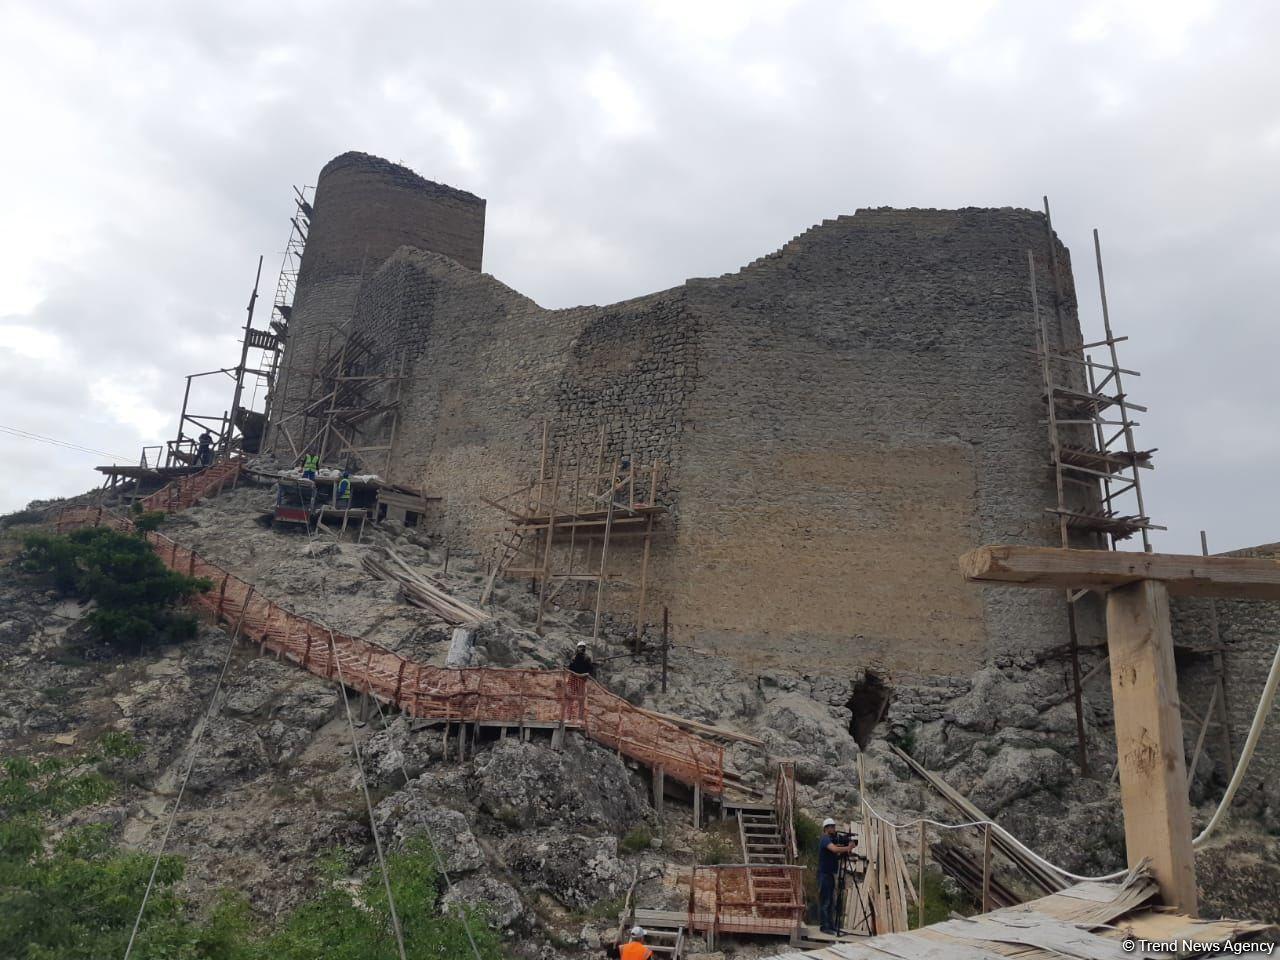 Восстановительно-консервационные работы в «Чыраг-гала» завершатся до конца года – Минкультуры Азербайджана (ФОТО)